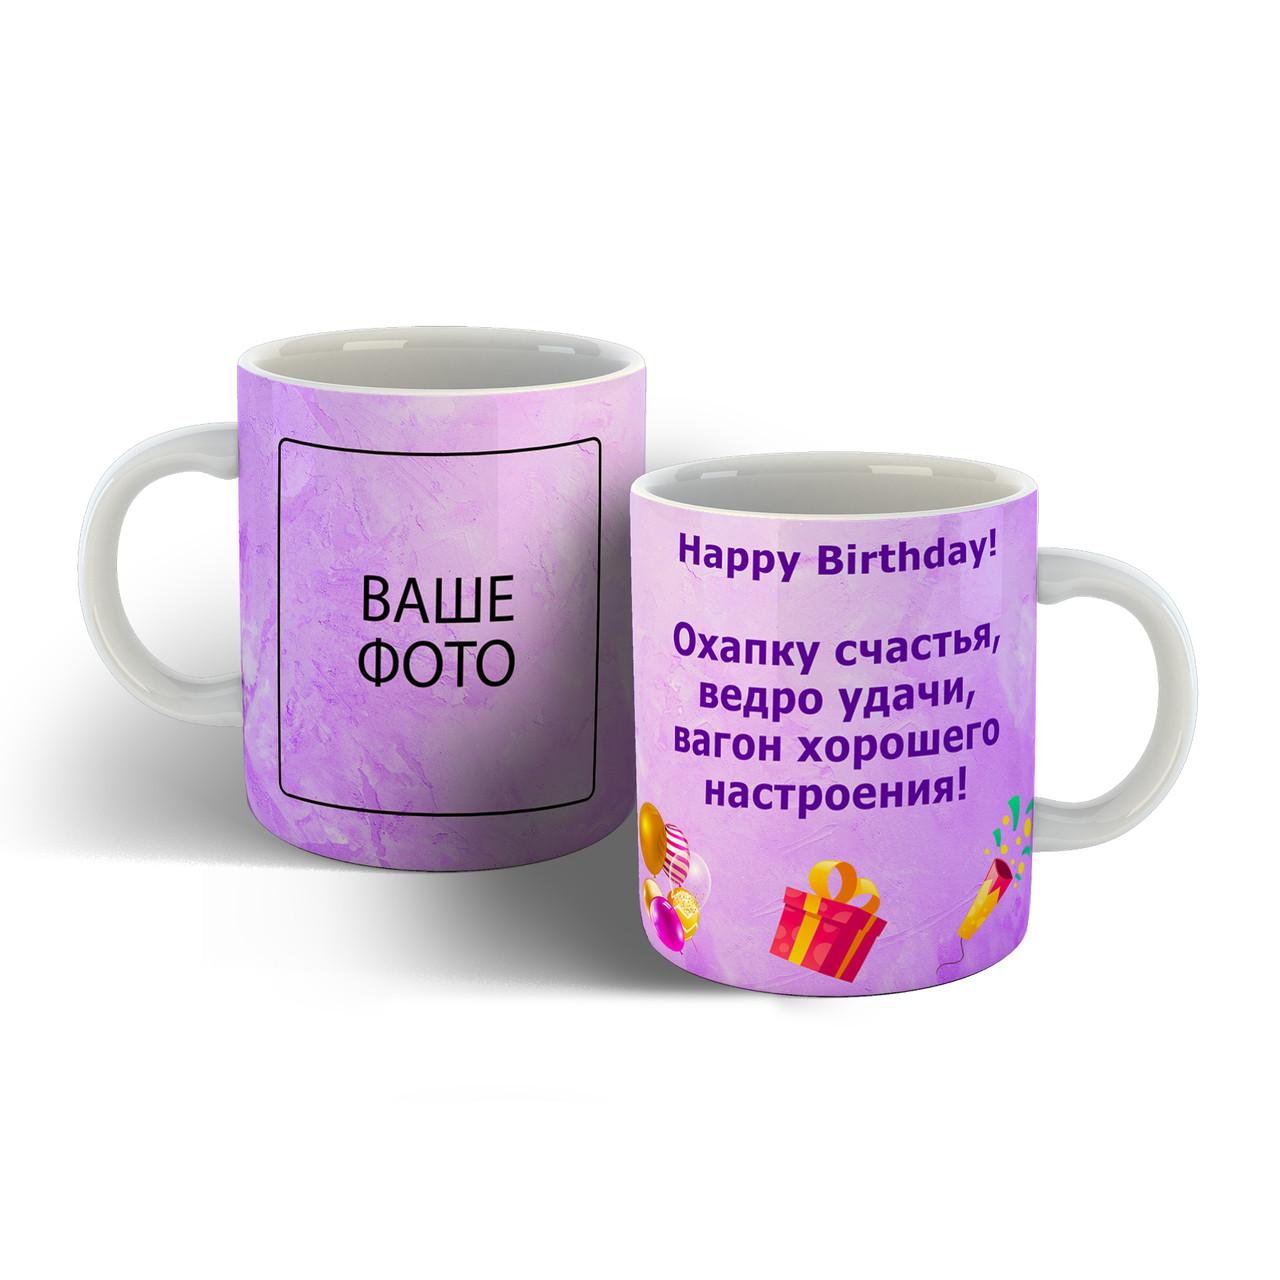 Чашка в подарунок на день народження з веселими привітаннями.